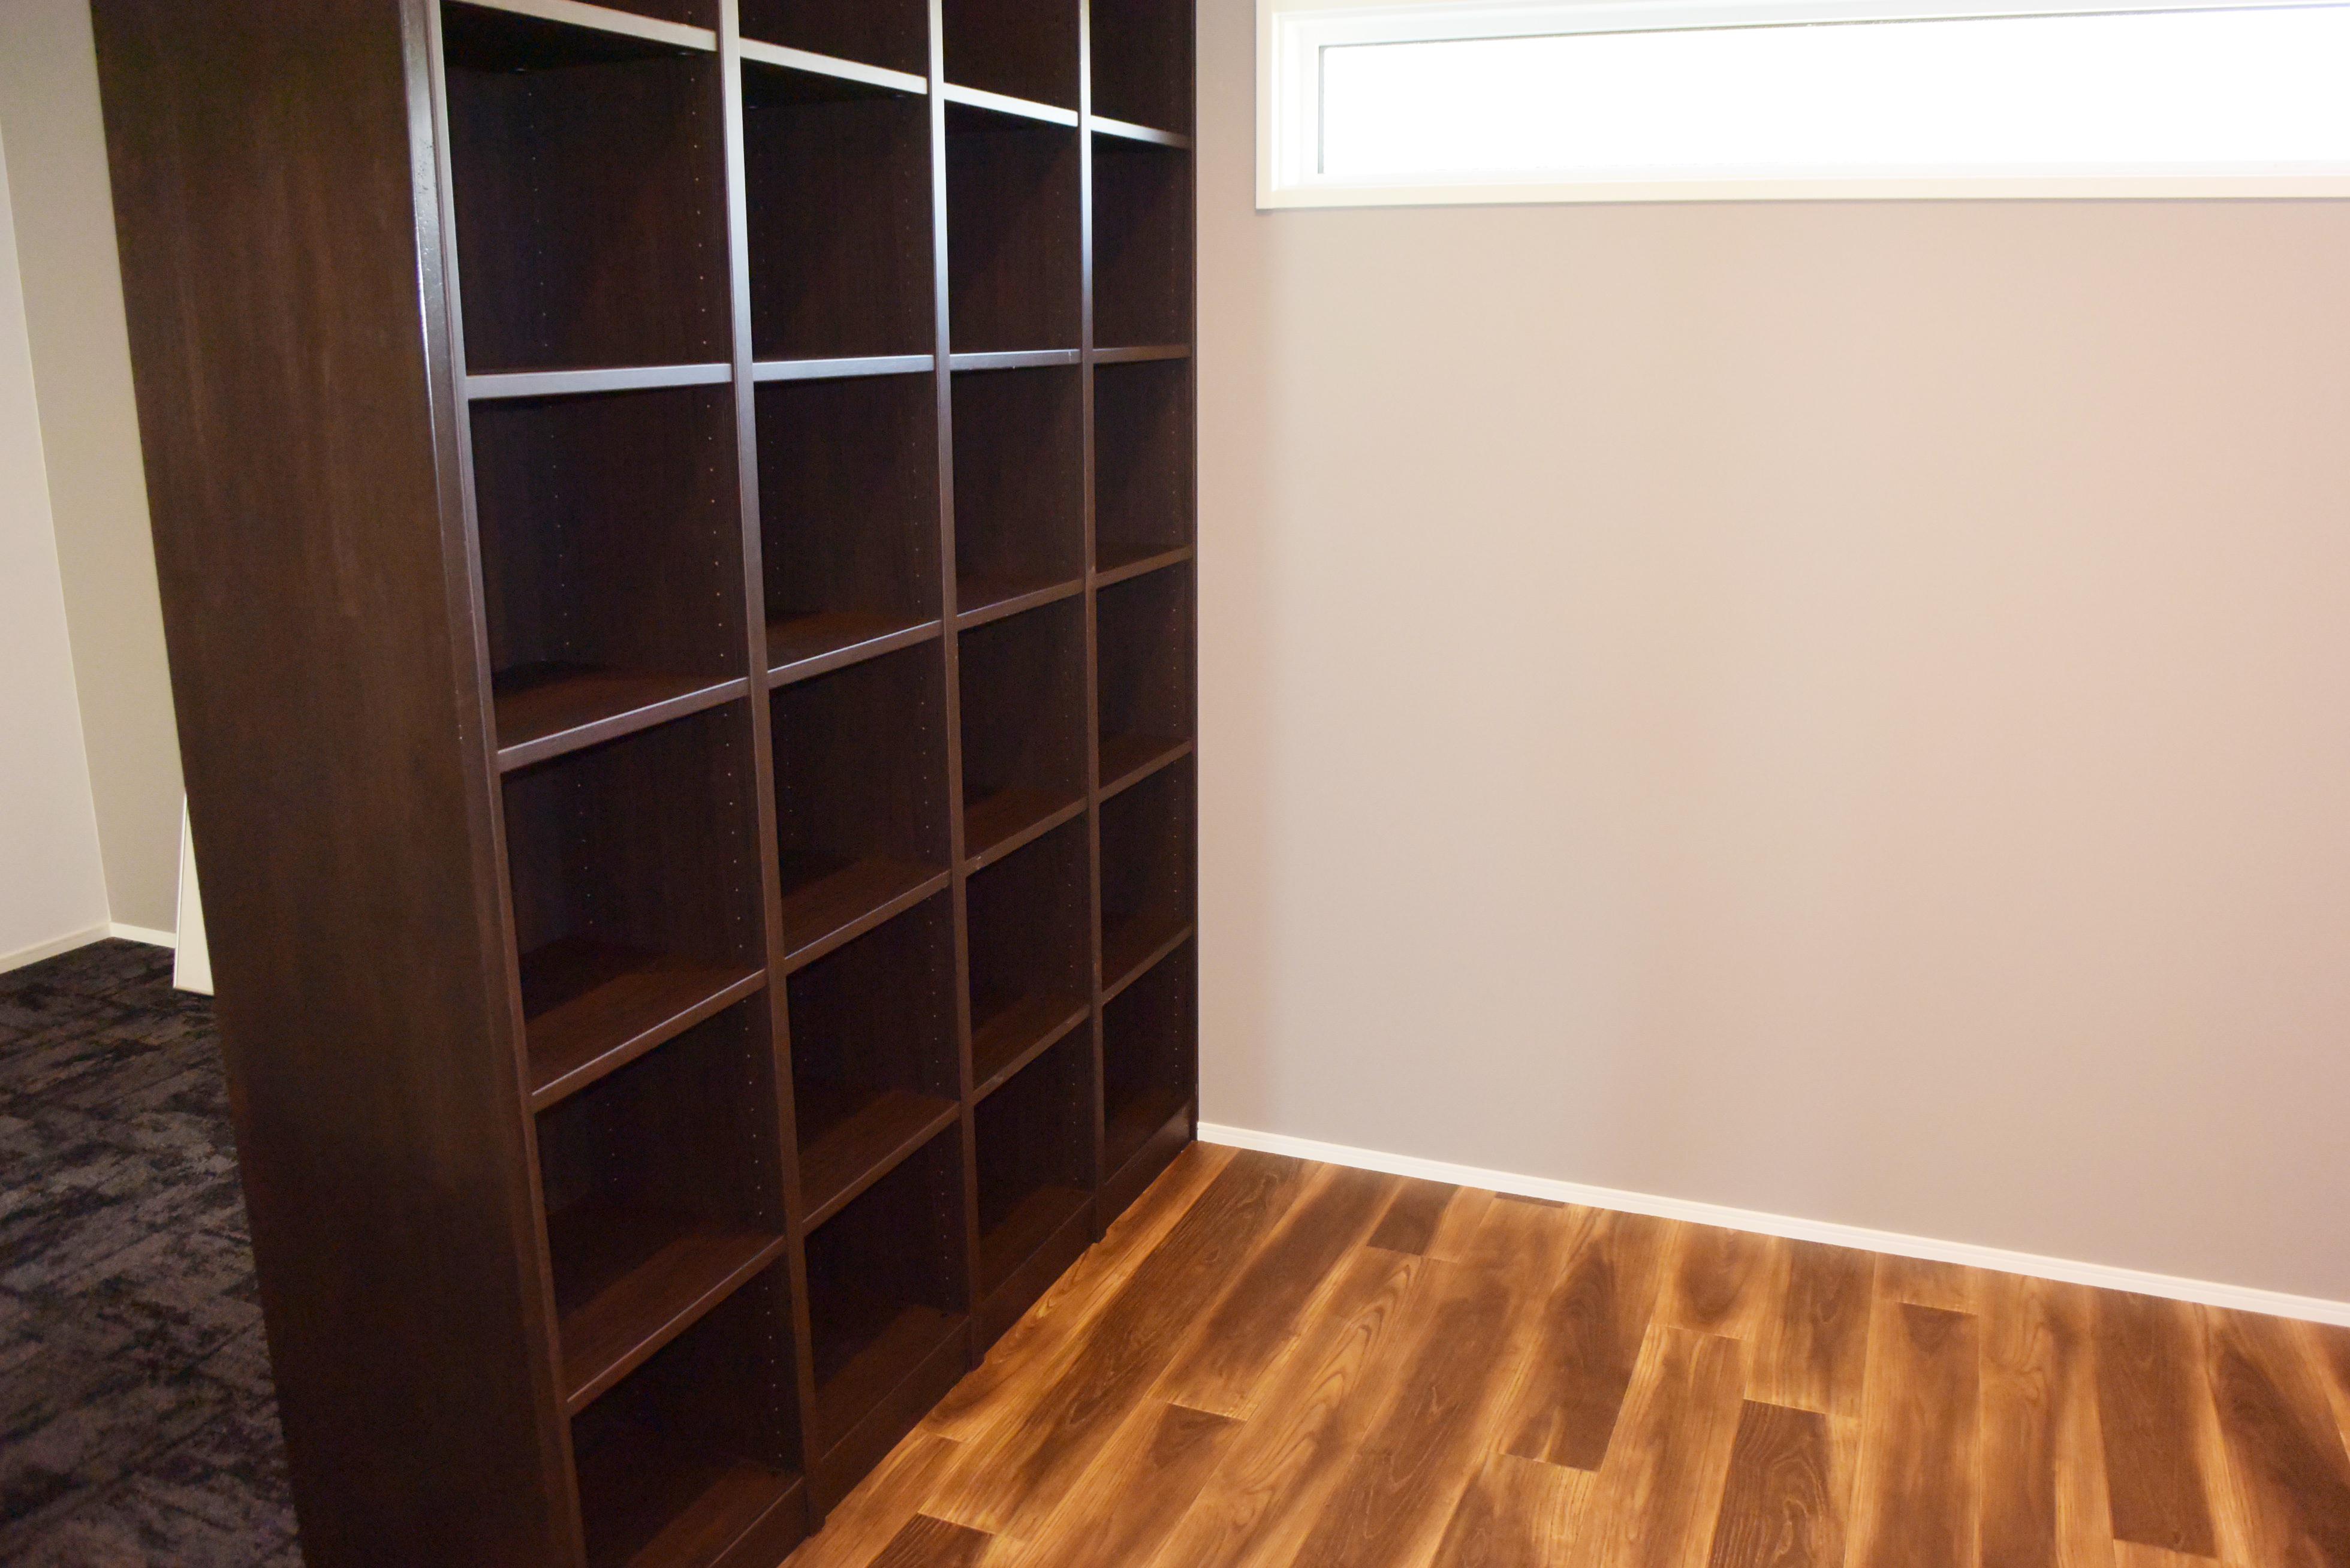 一階には収納たっぷりの棚が備えられた洋室があります。